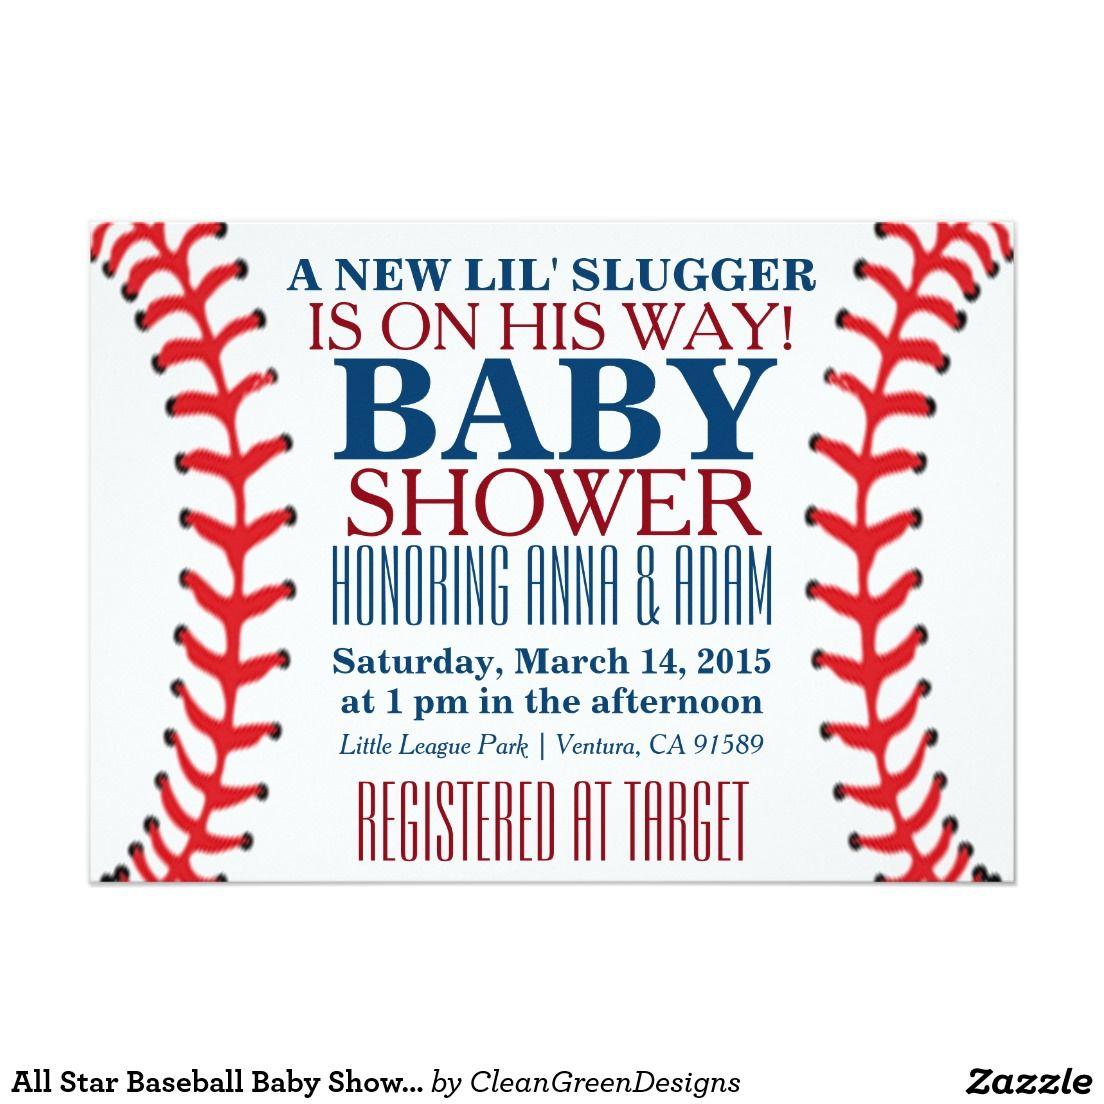 All Star Baseball Baby Shower Invitations | Shower invitations ...